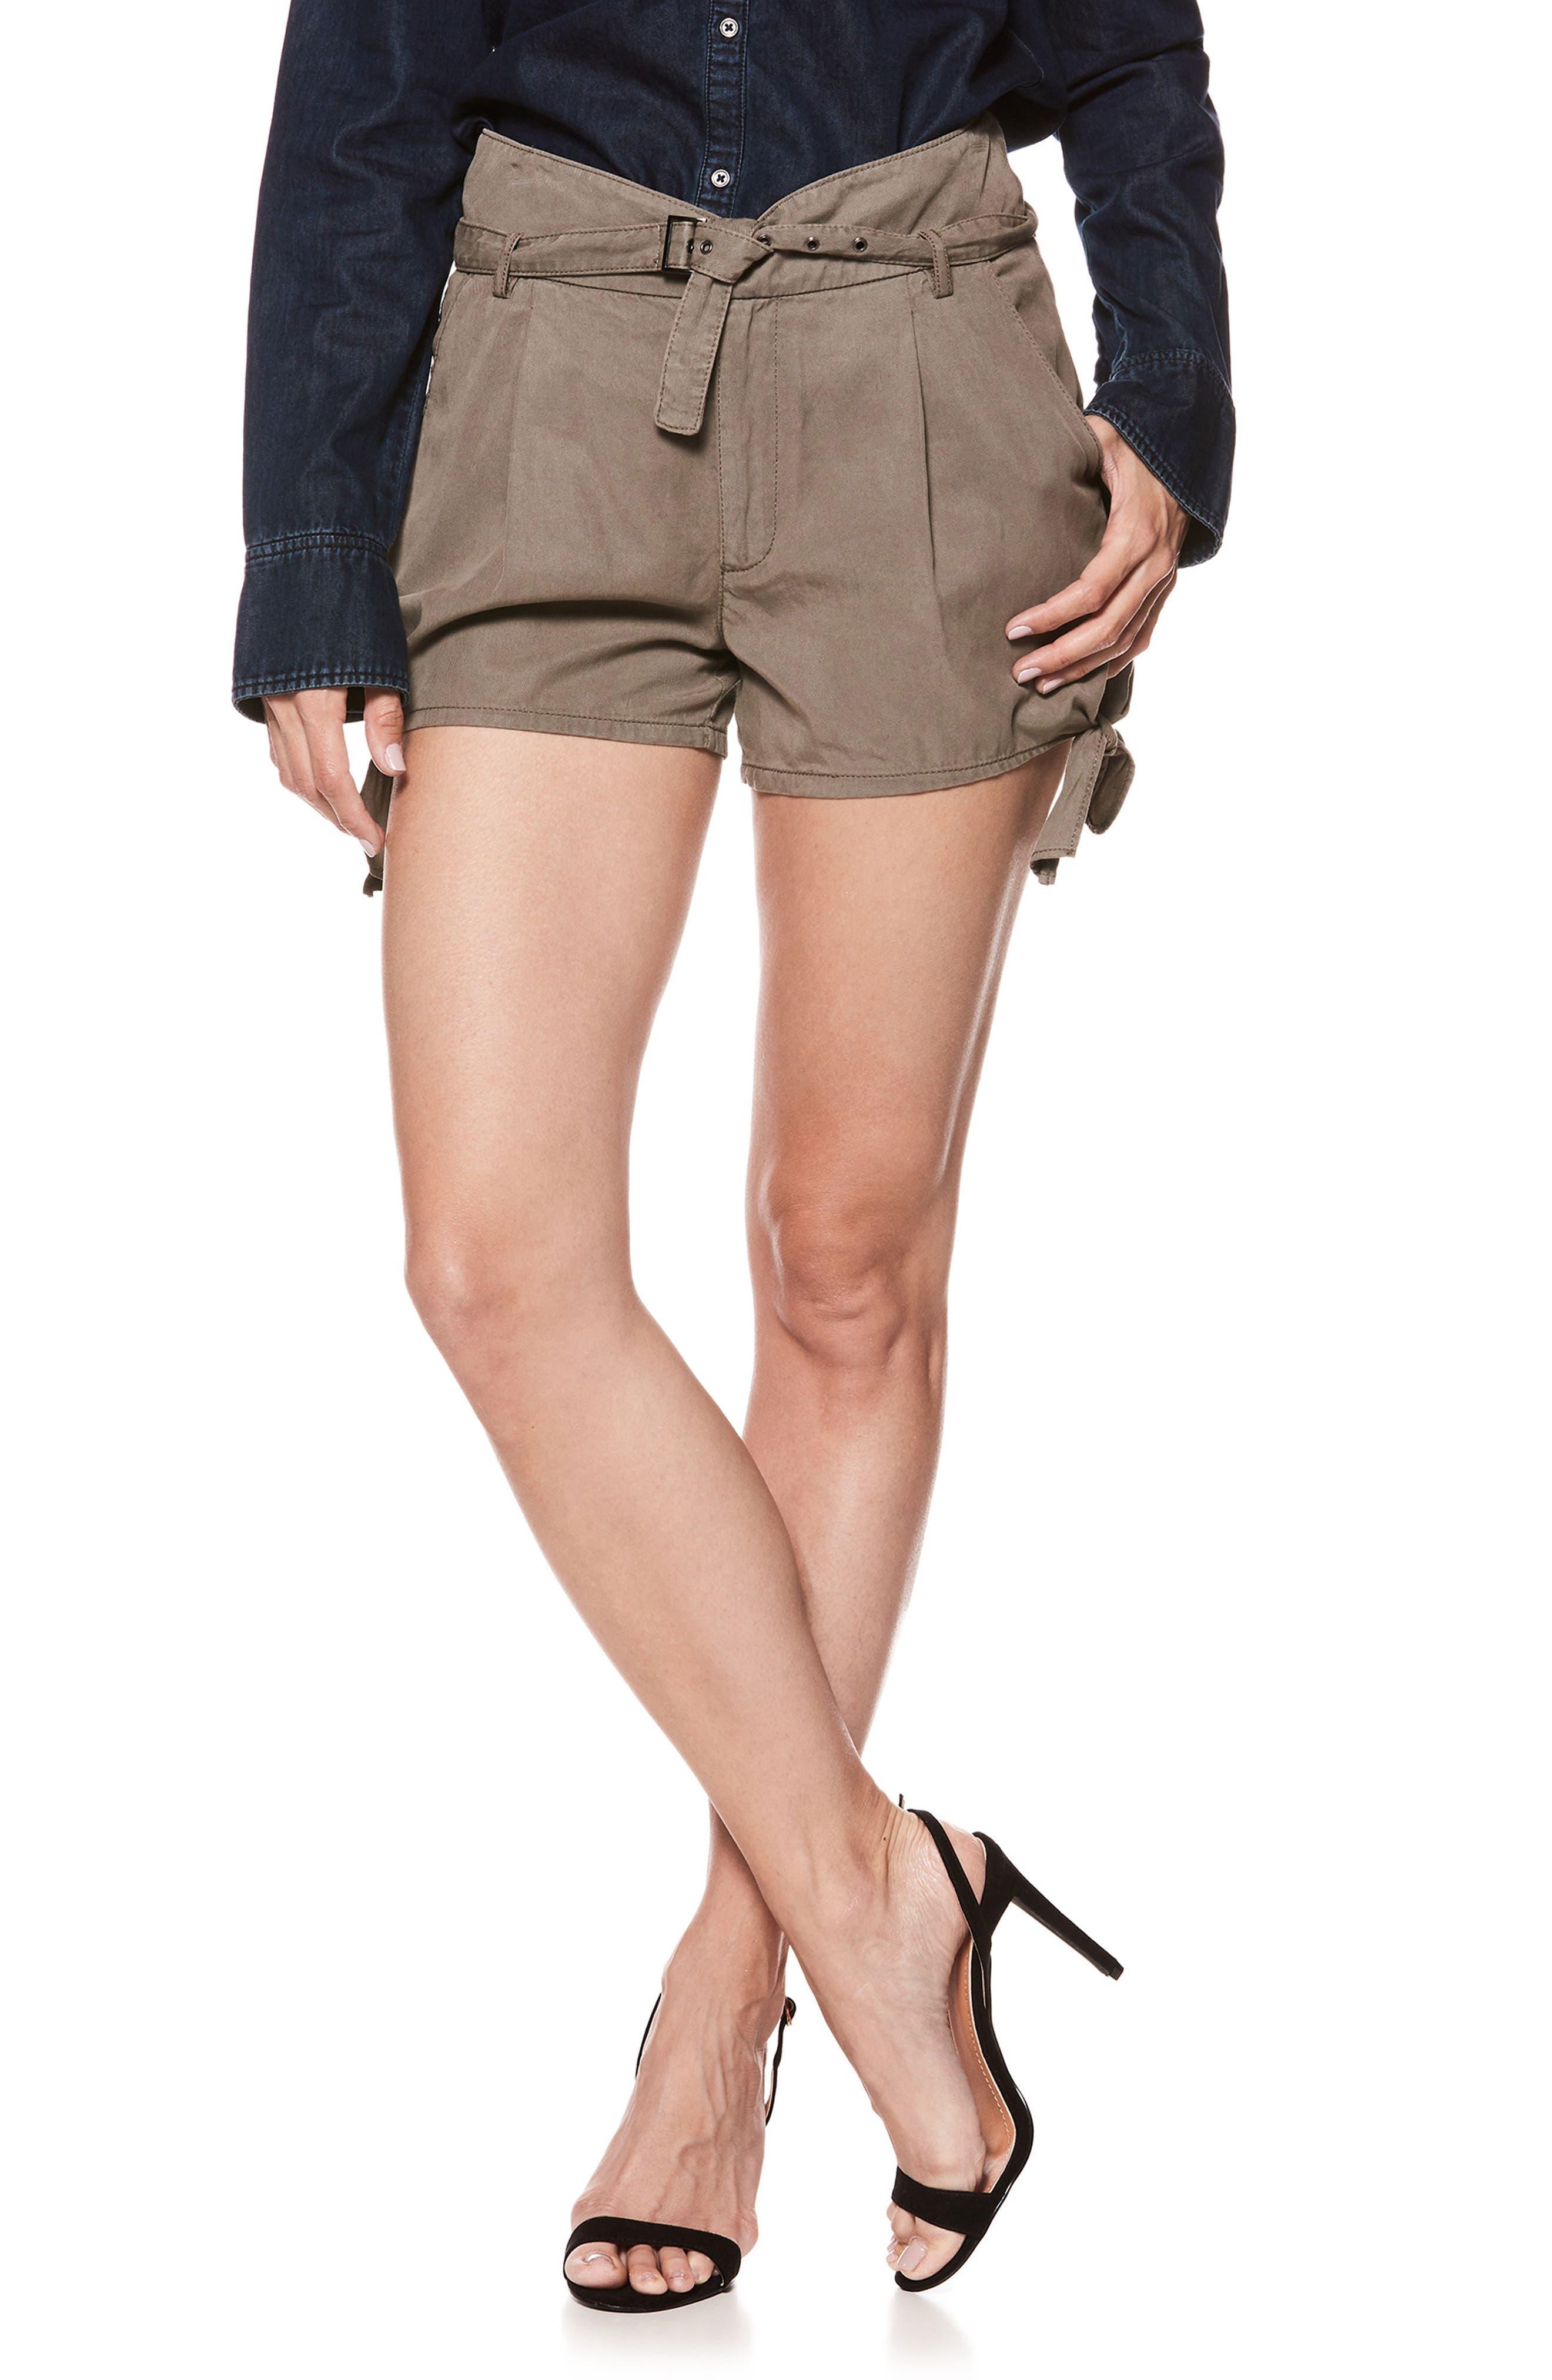 Alternate Image 1 Selected - PAIGE Claudette Tie Hem Shorts